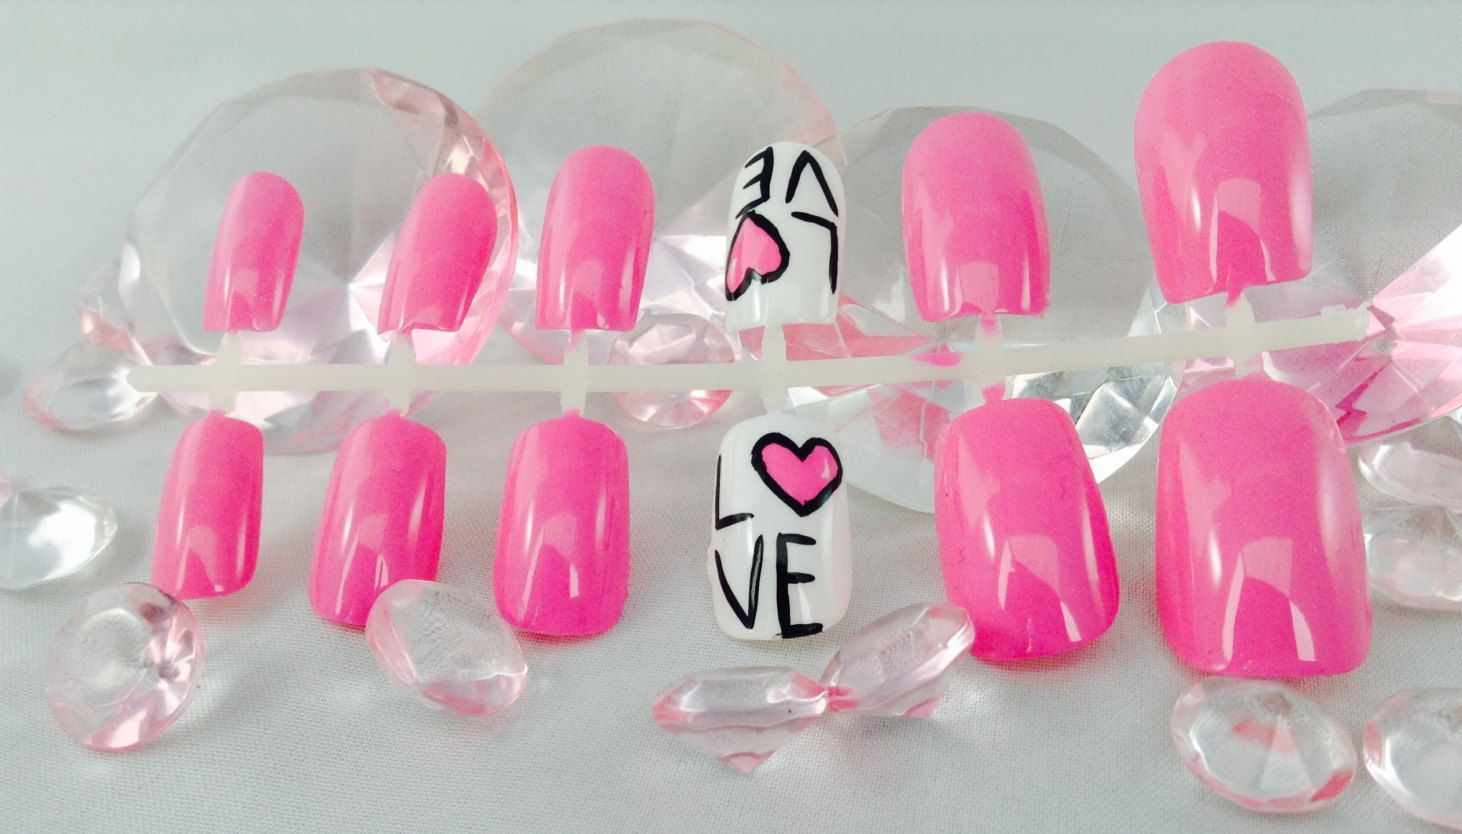 Love nails,fake nails,false nails,press on nails,pink love nails ...